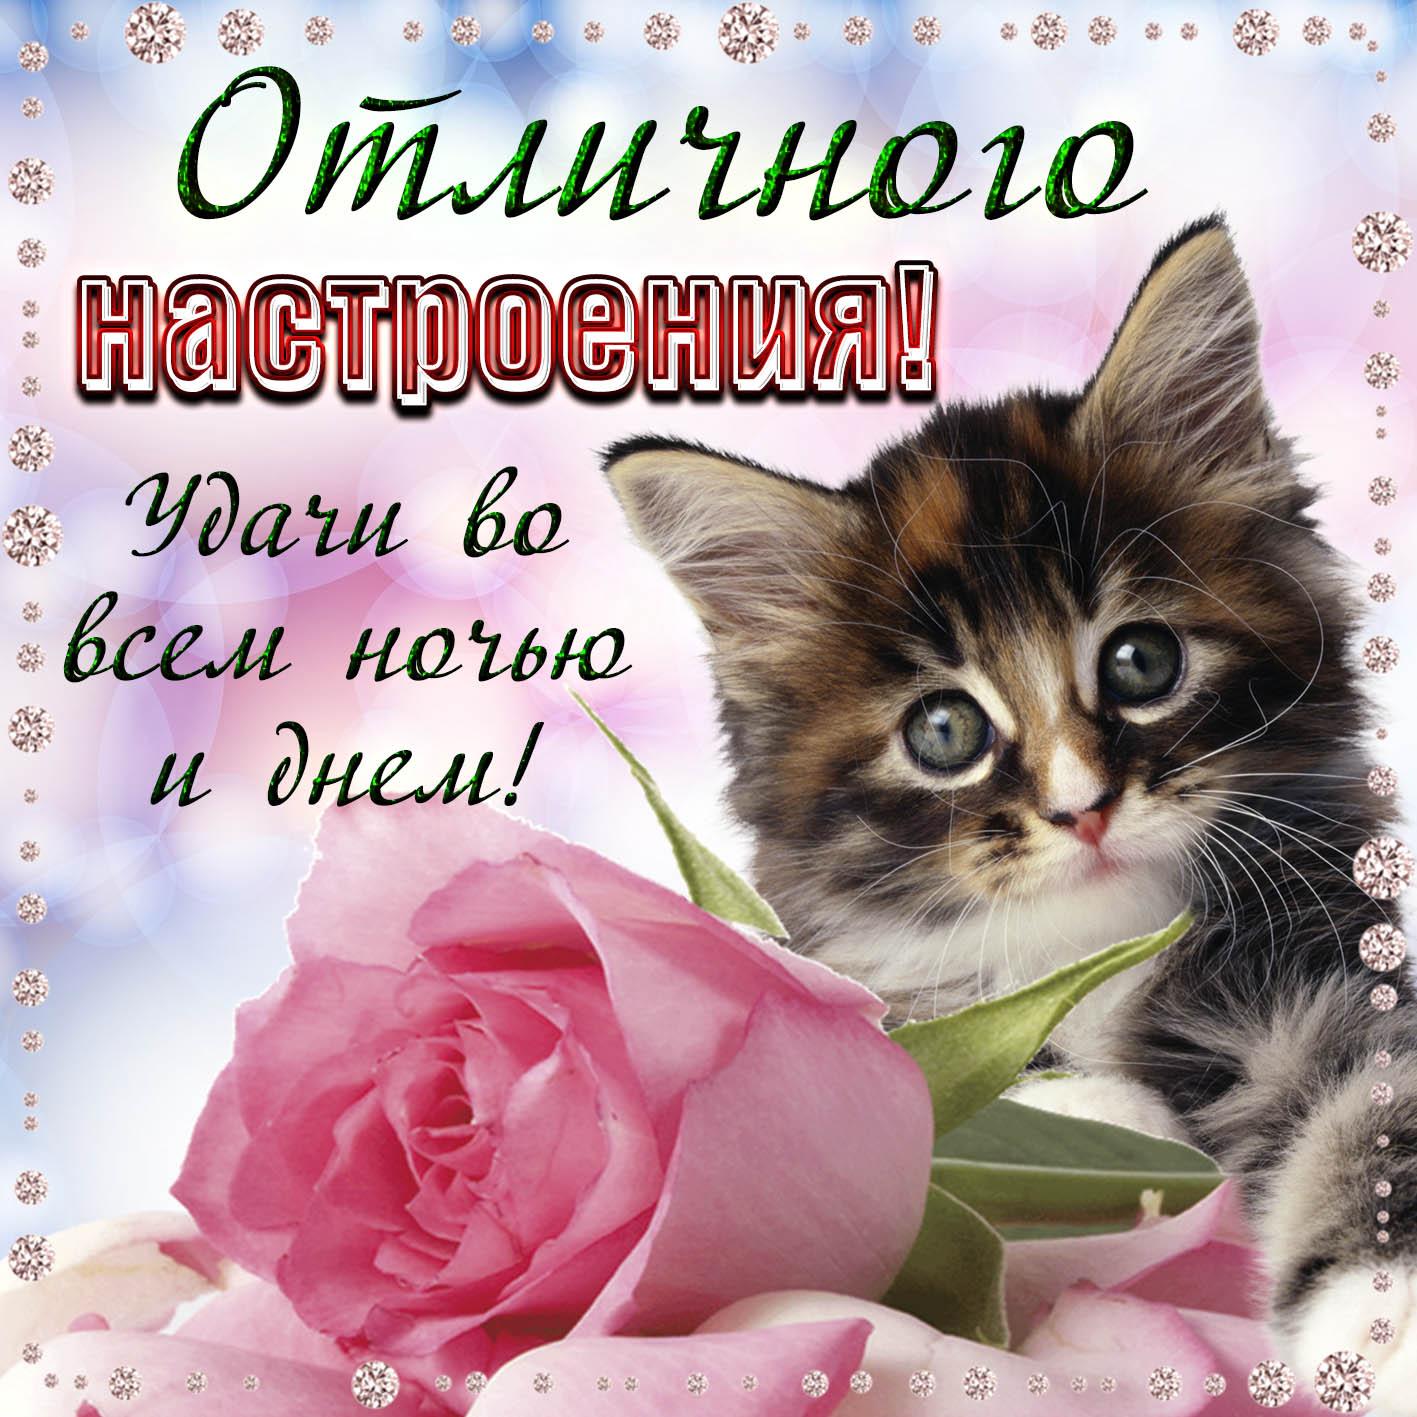 Котятами, удачи на весь день картинки